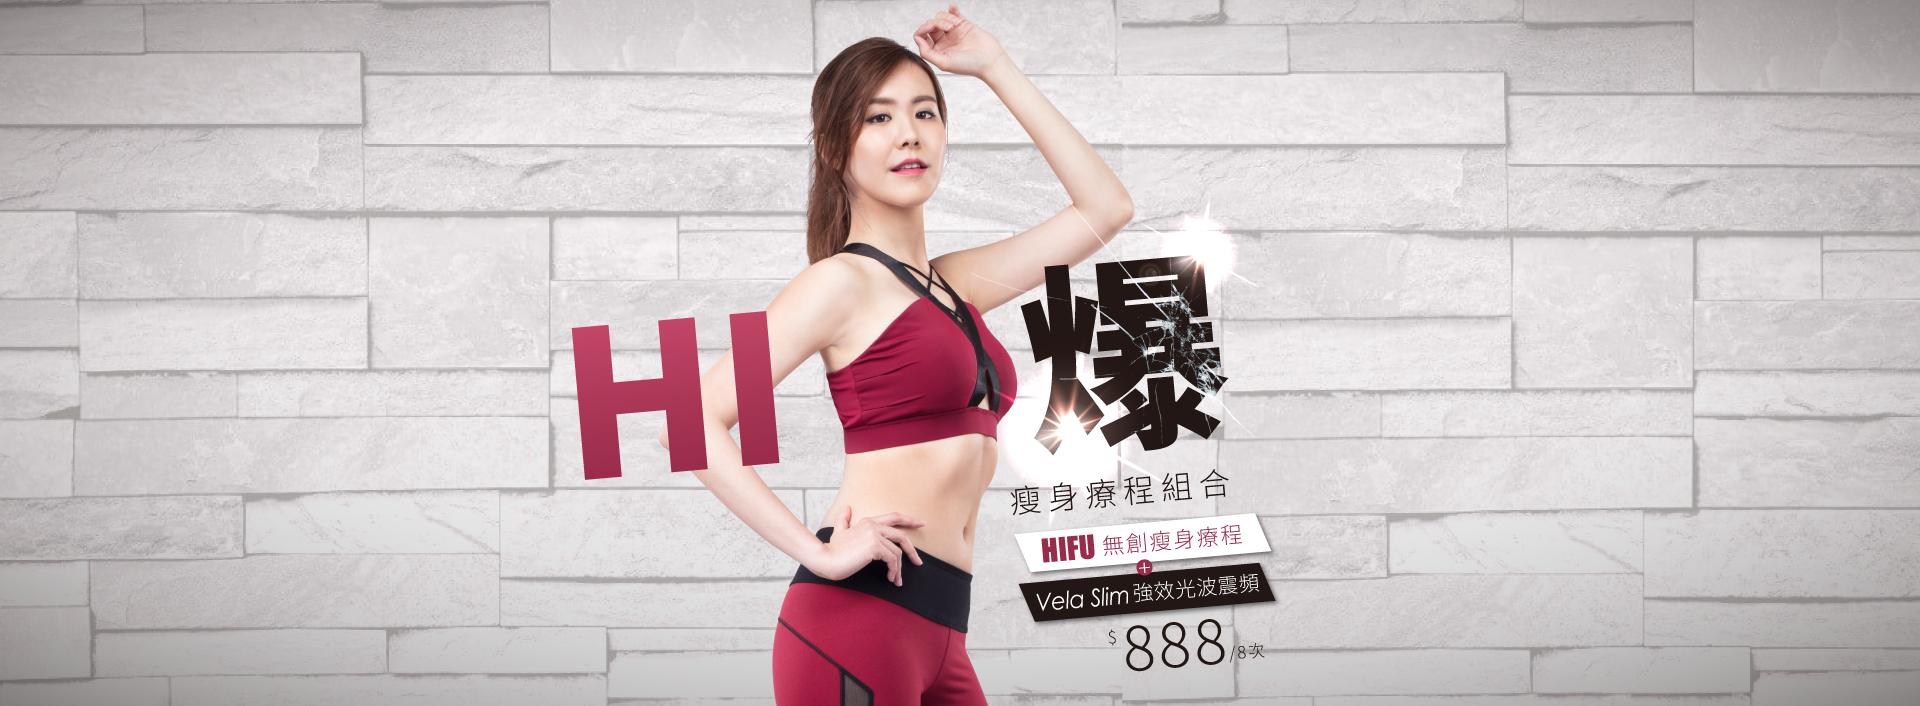 $888/8次 HI爆組合